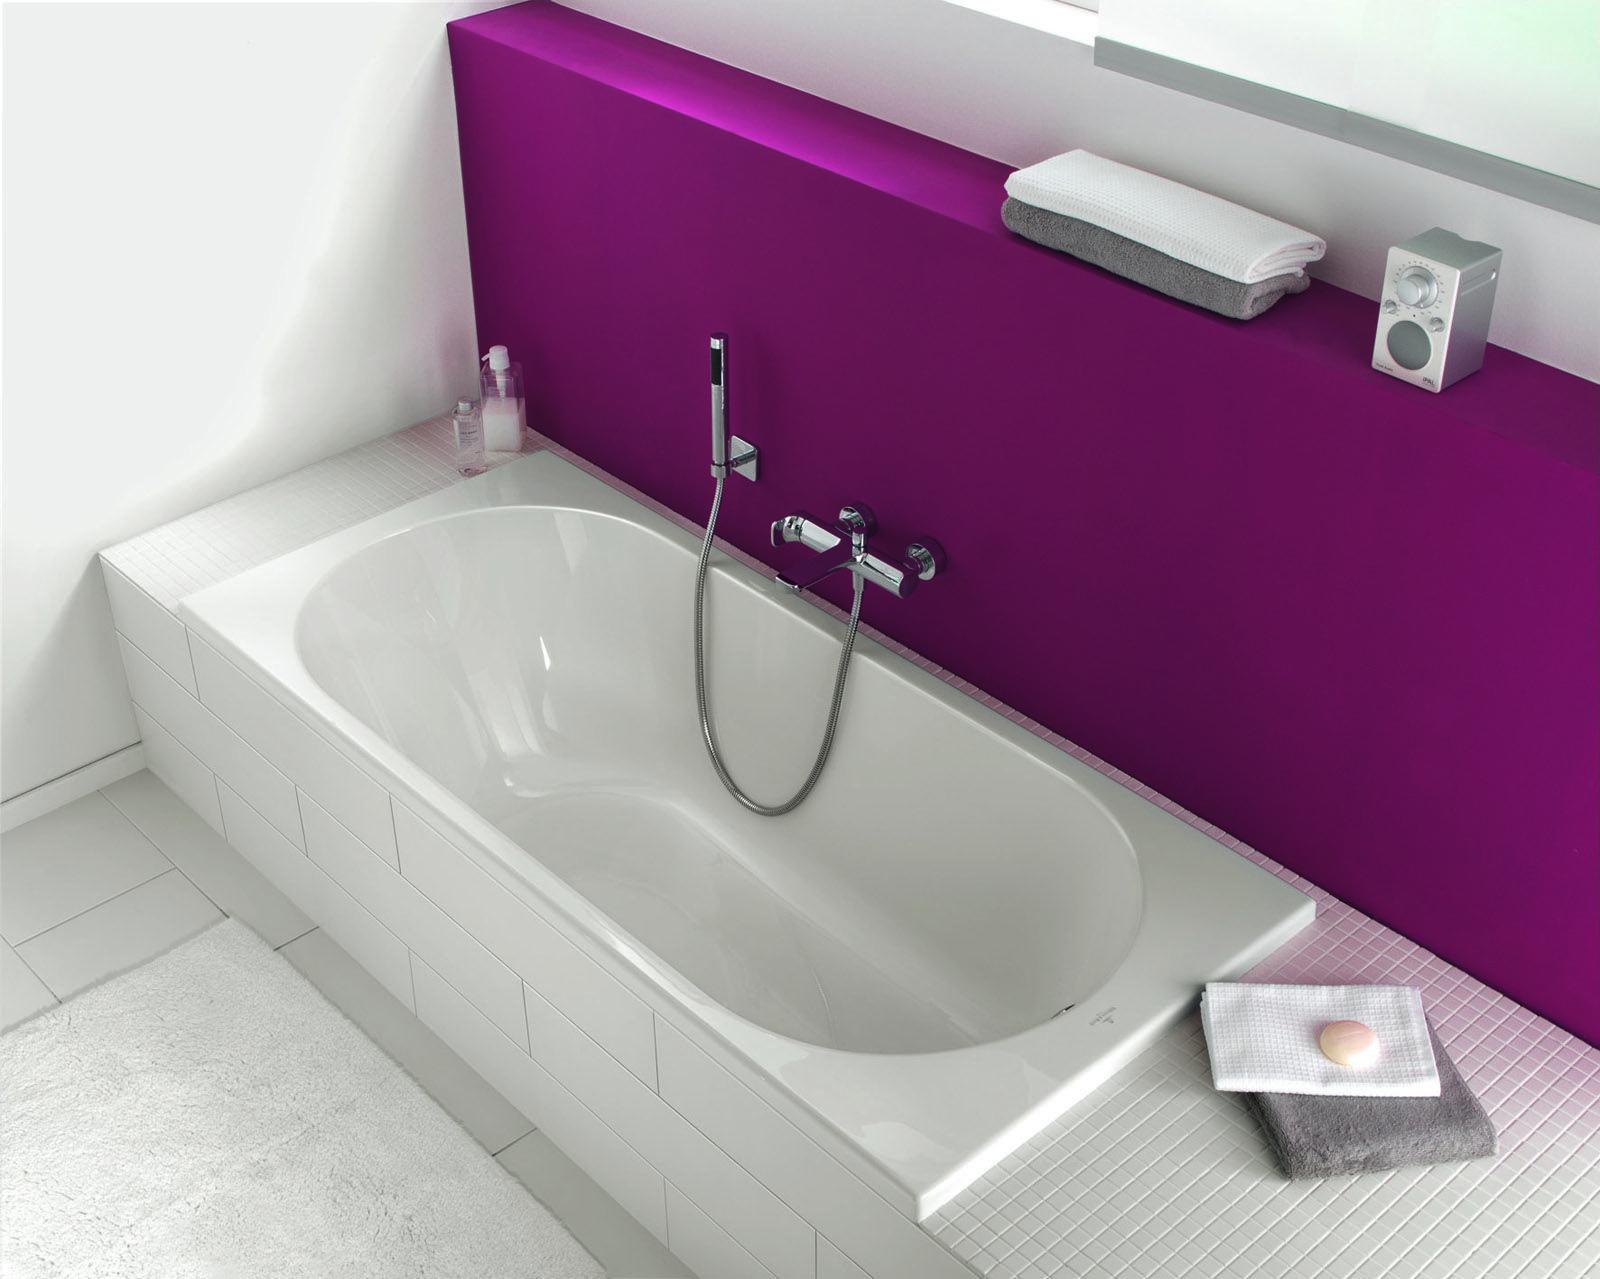 Dimensioni Vasche Da Bagno Misure : Vasche da bagno dimensioni. top vasca da bagno piccole dimensioni